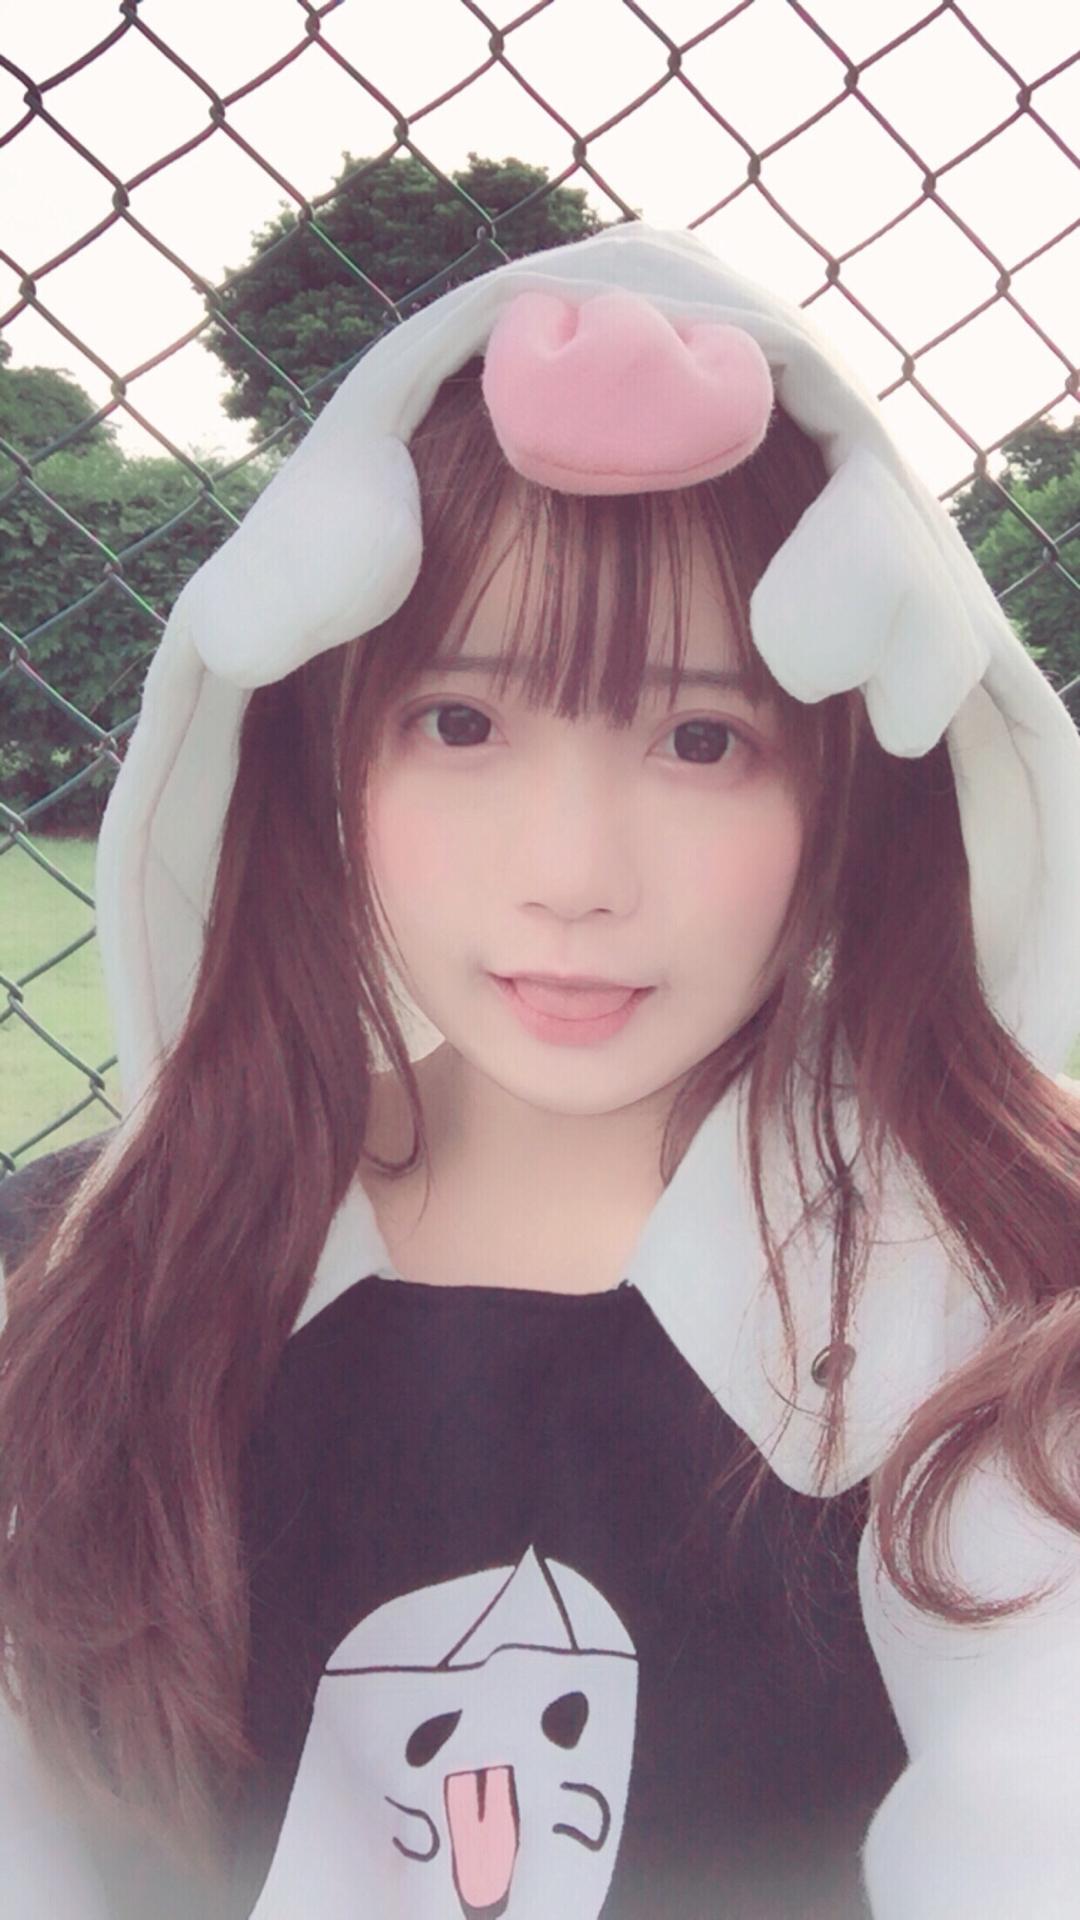 桃花_momo略略略略~吐舌头的幽灵_美女福利图片